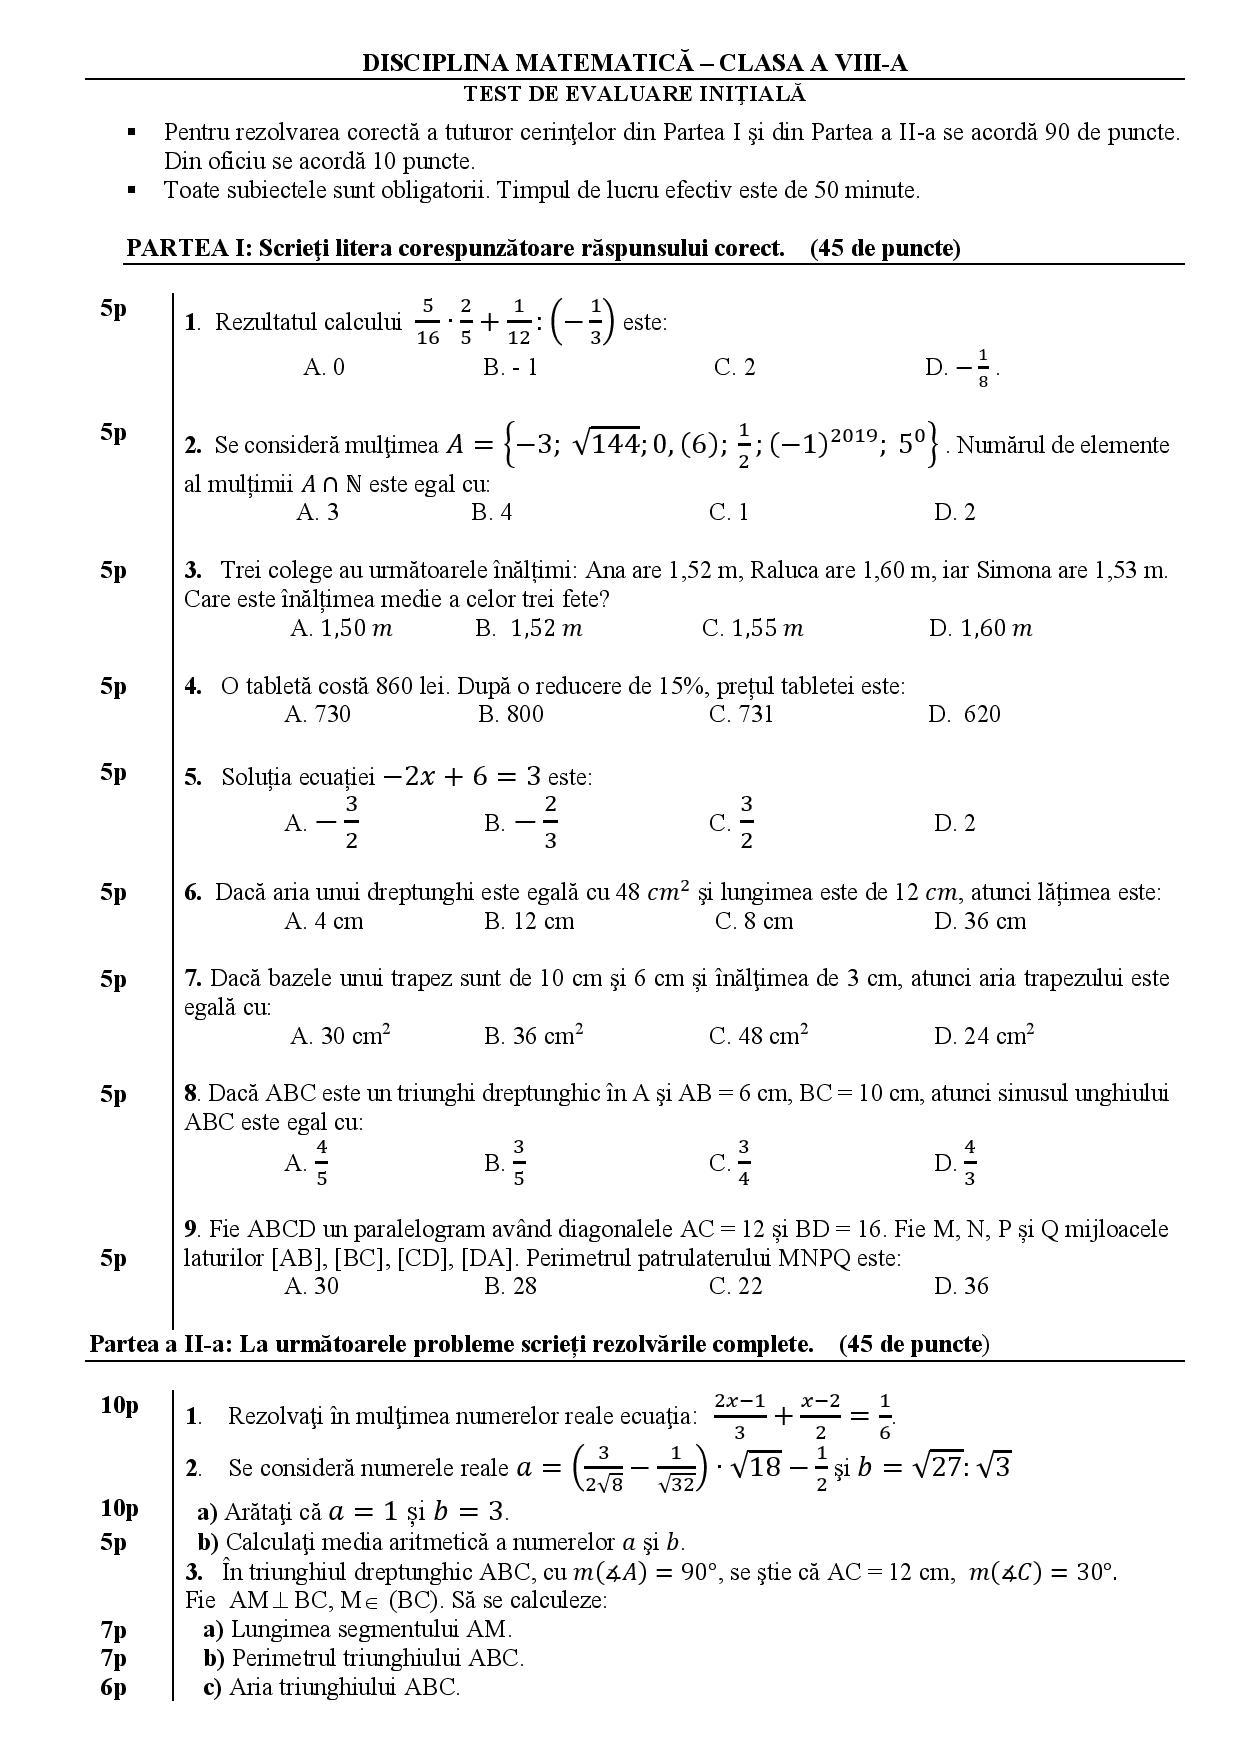 test initial matematica clasa 8